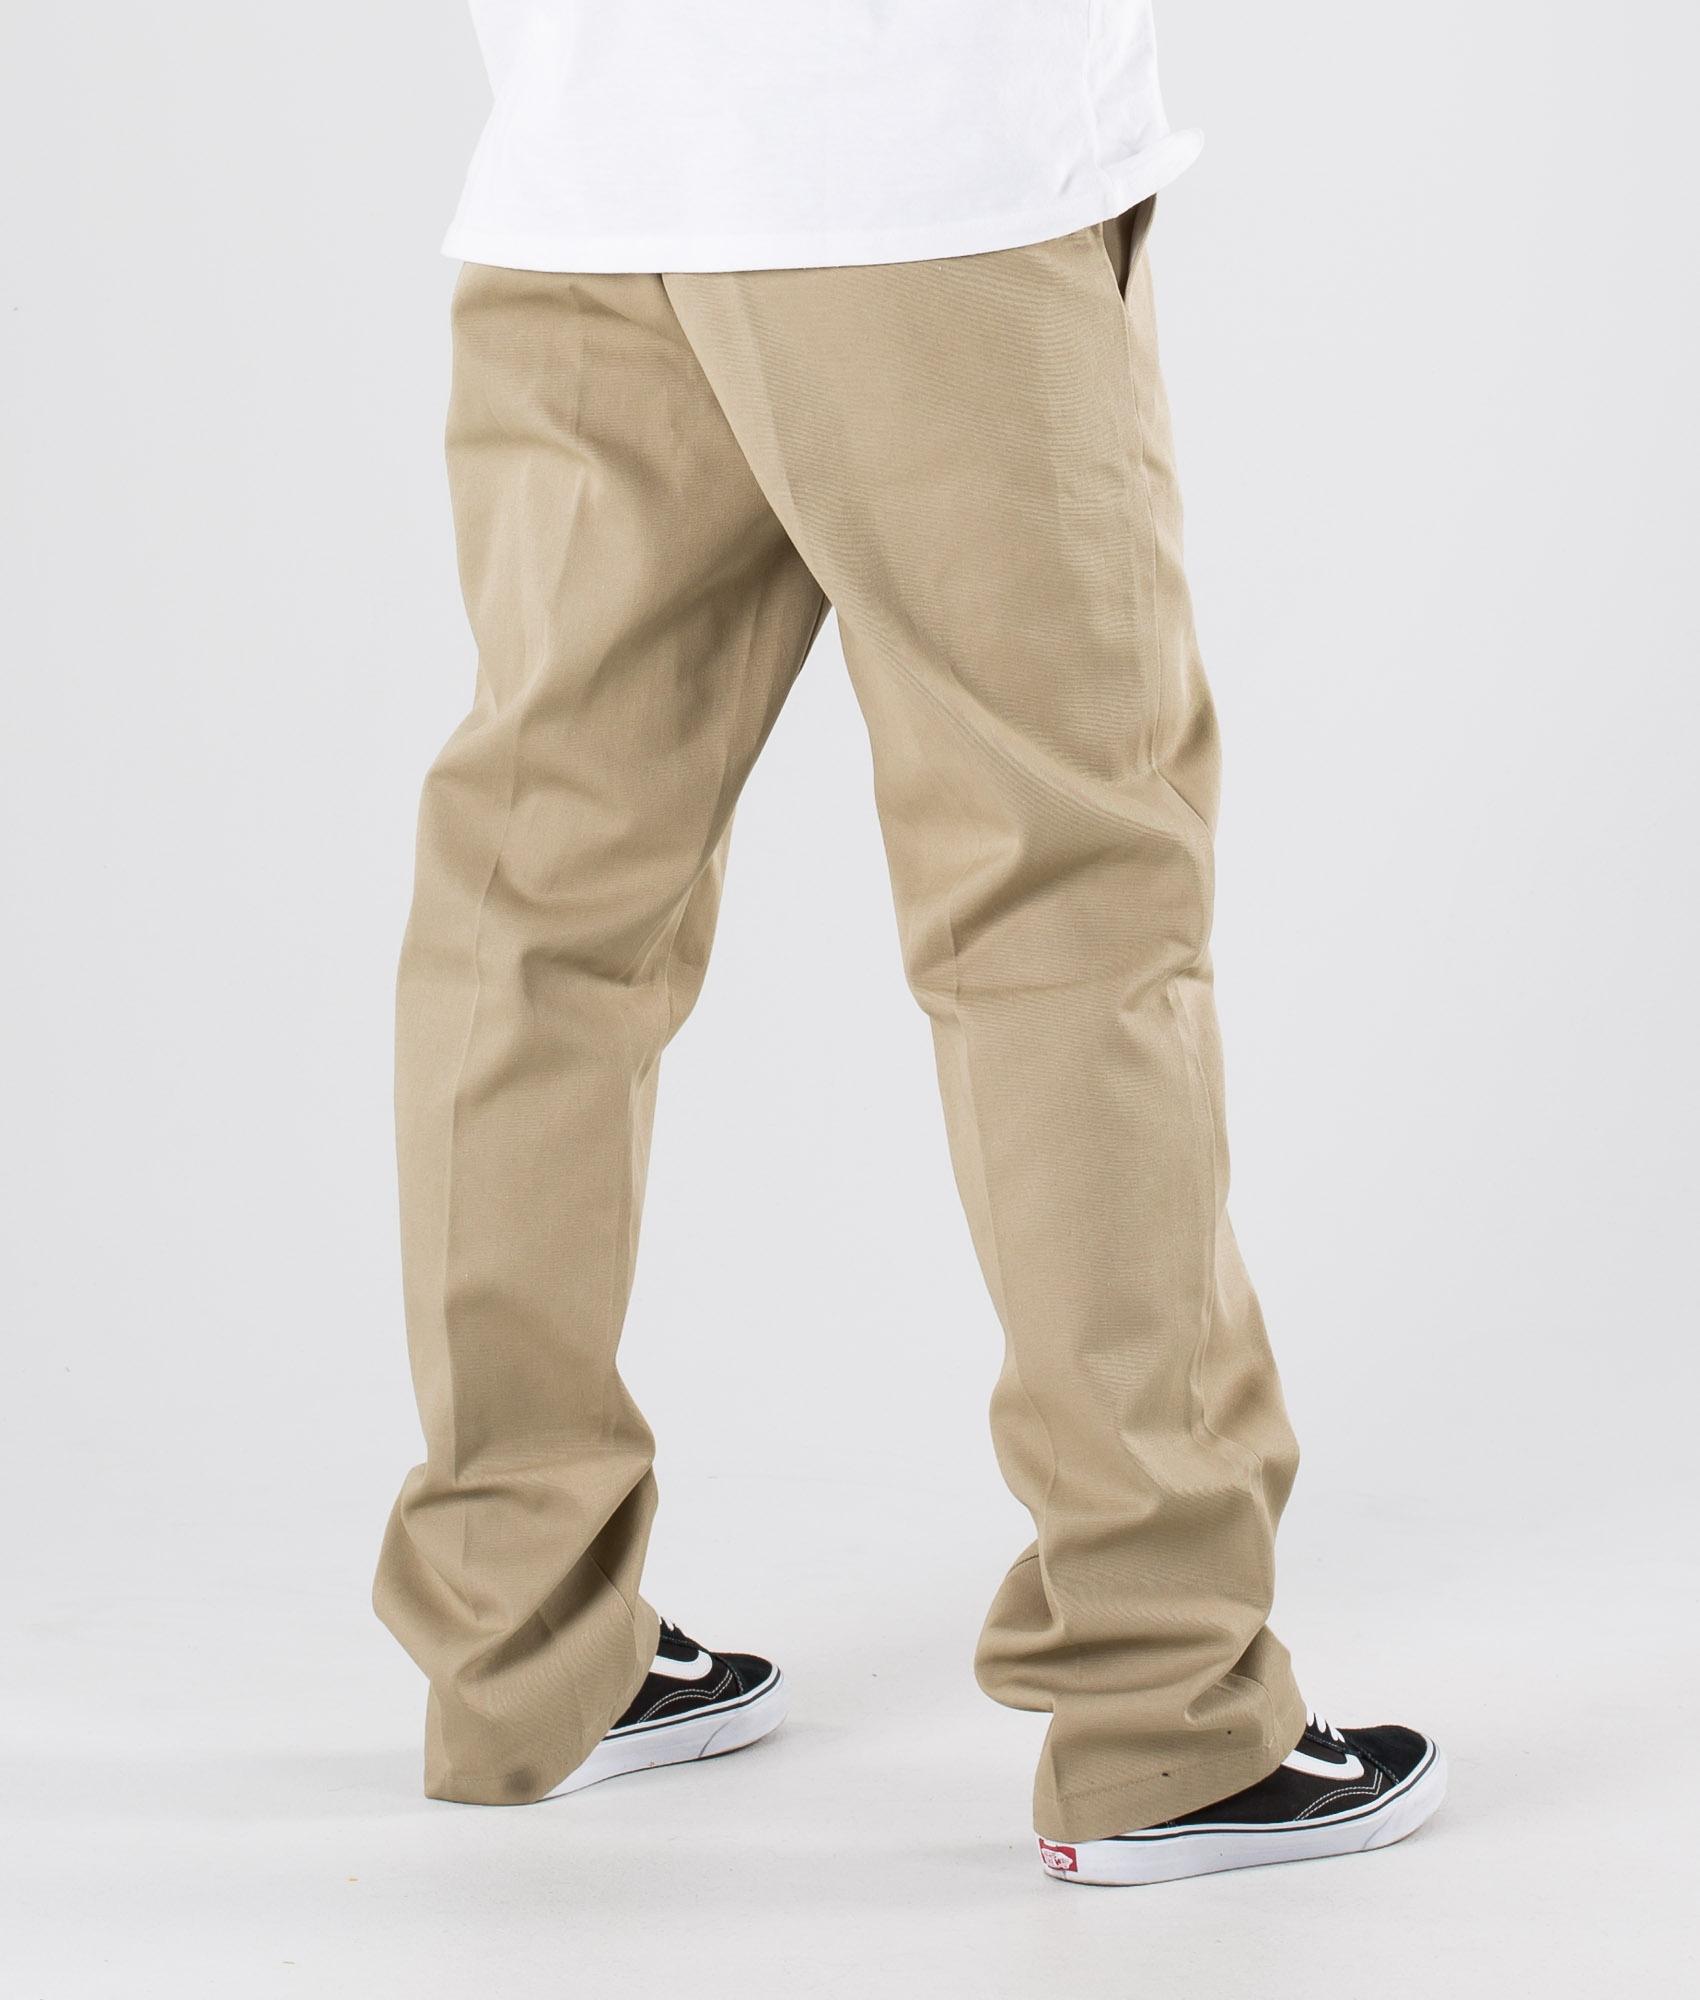 dickies bukser 874